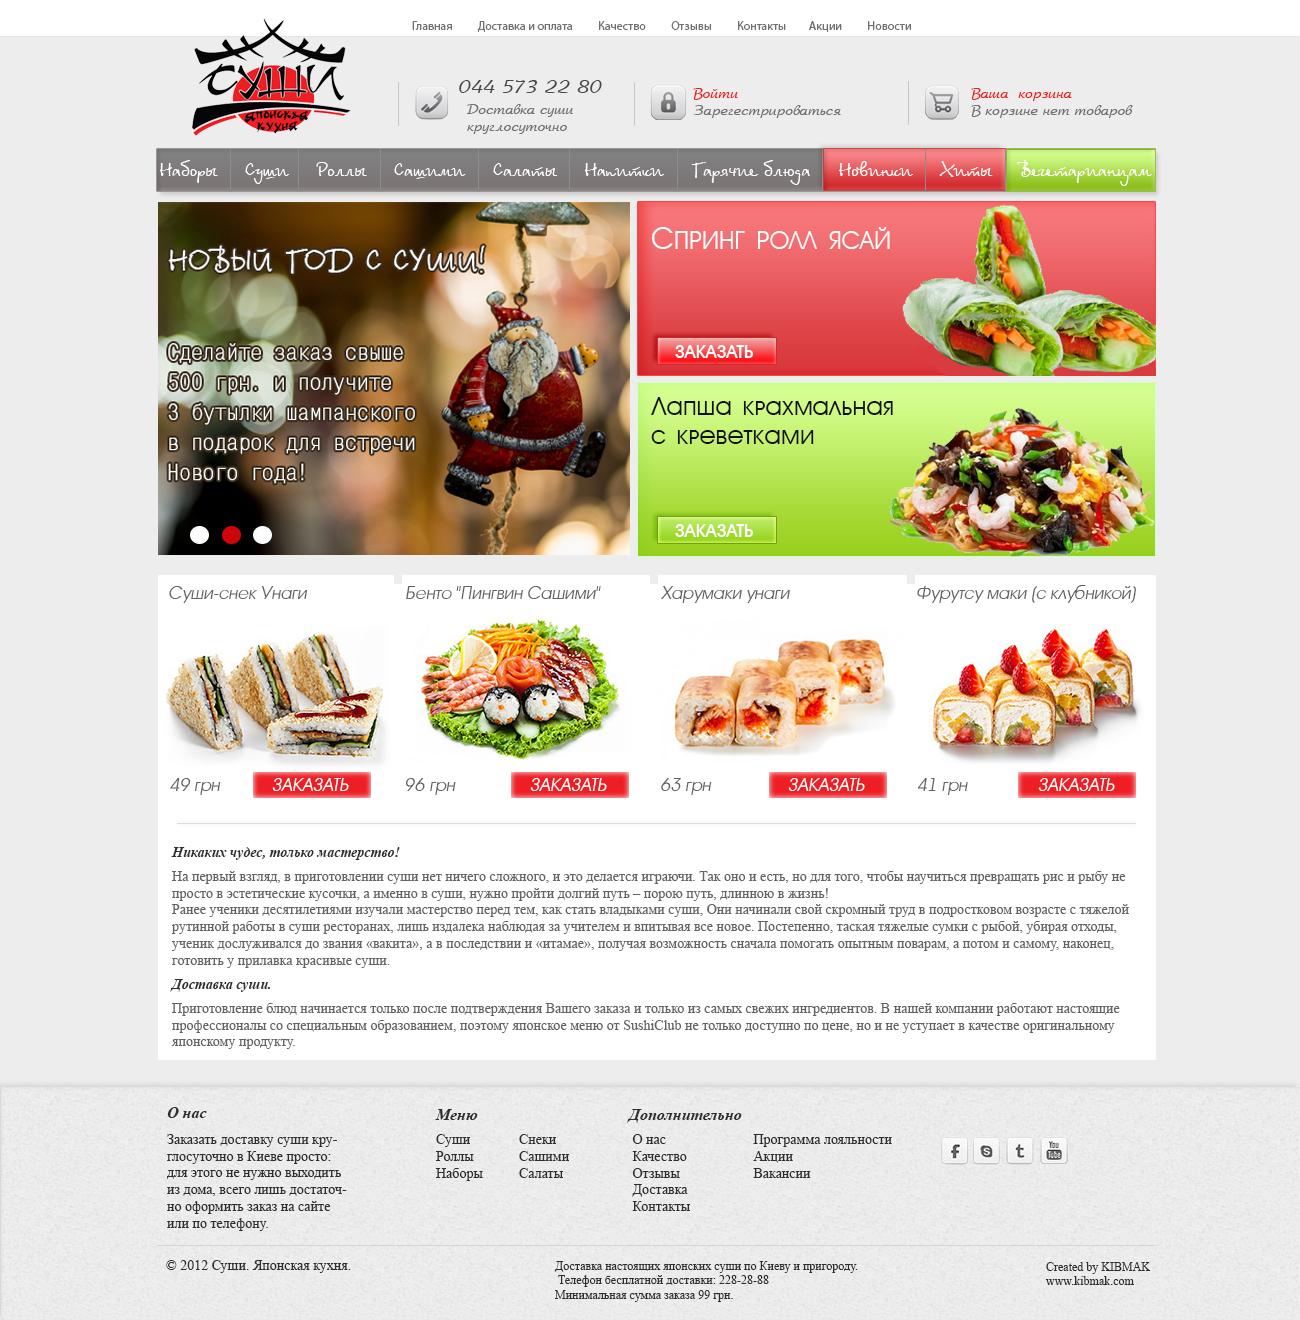 Дизайн сайта по продаже суши блюд